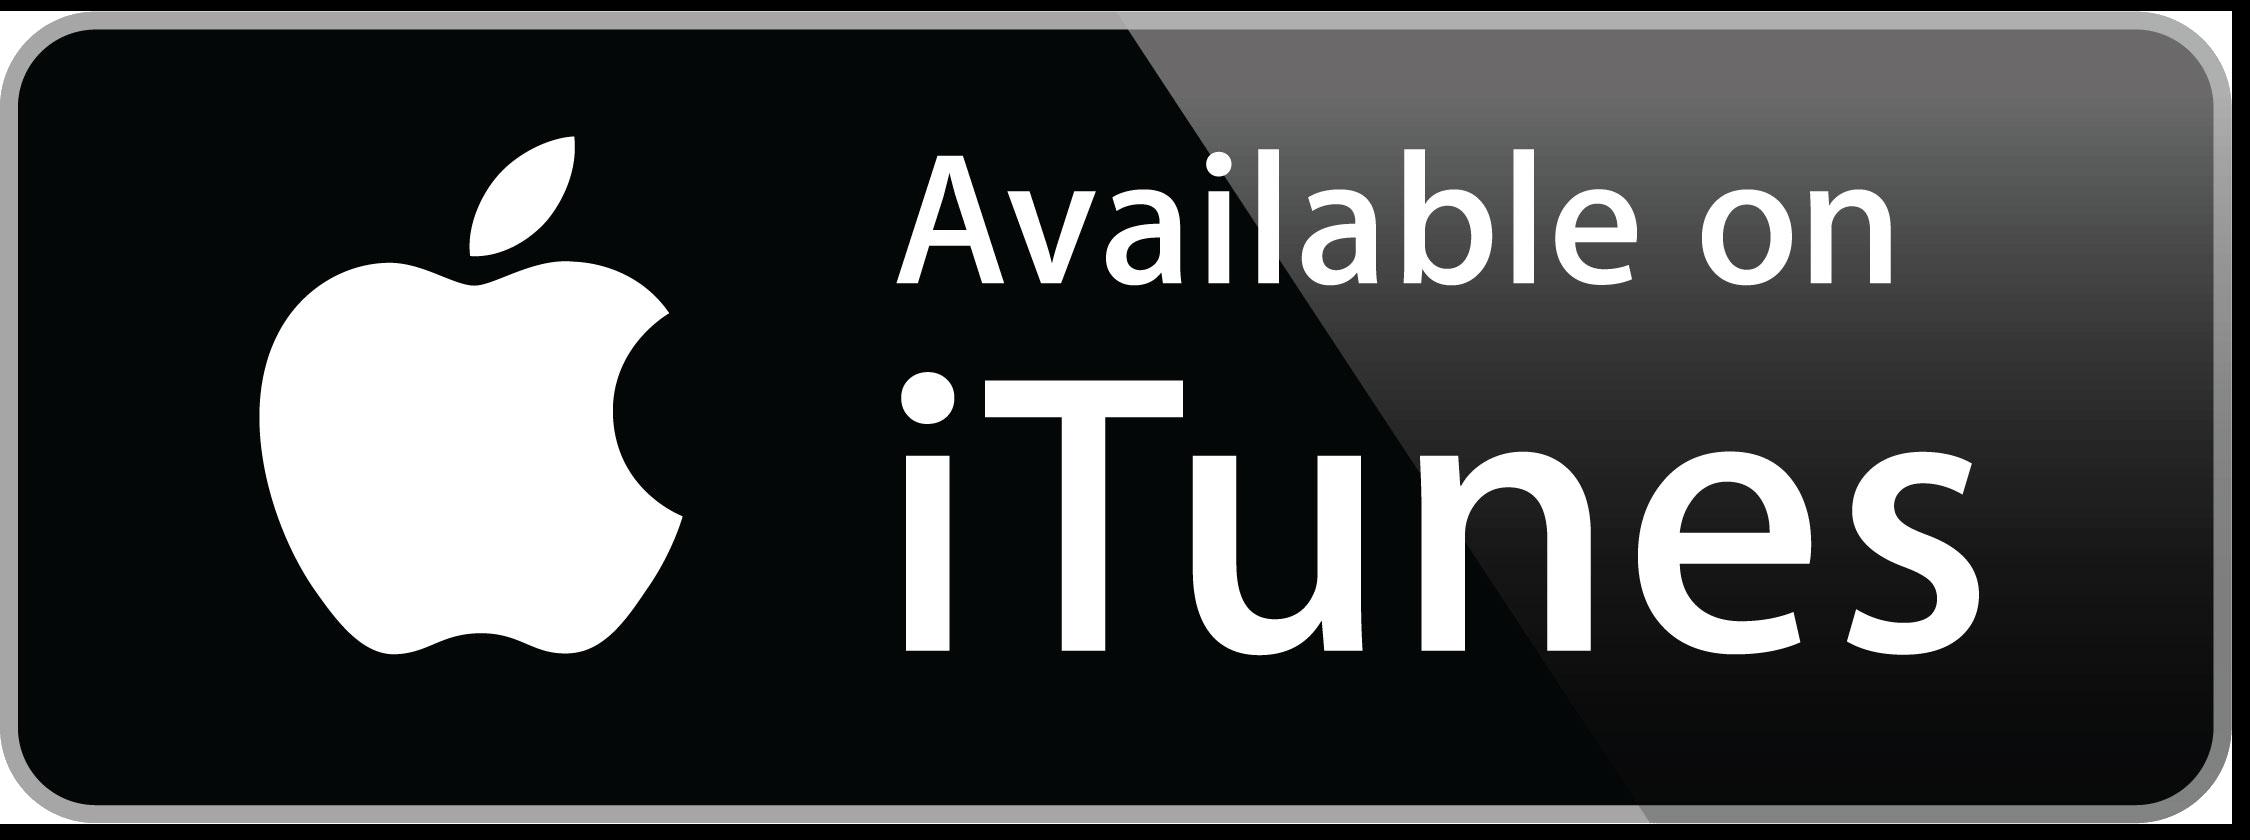 Get Volume 1 on iTunes